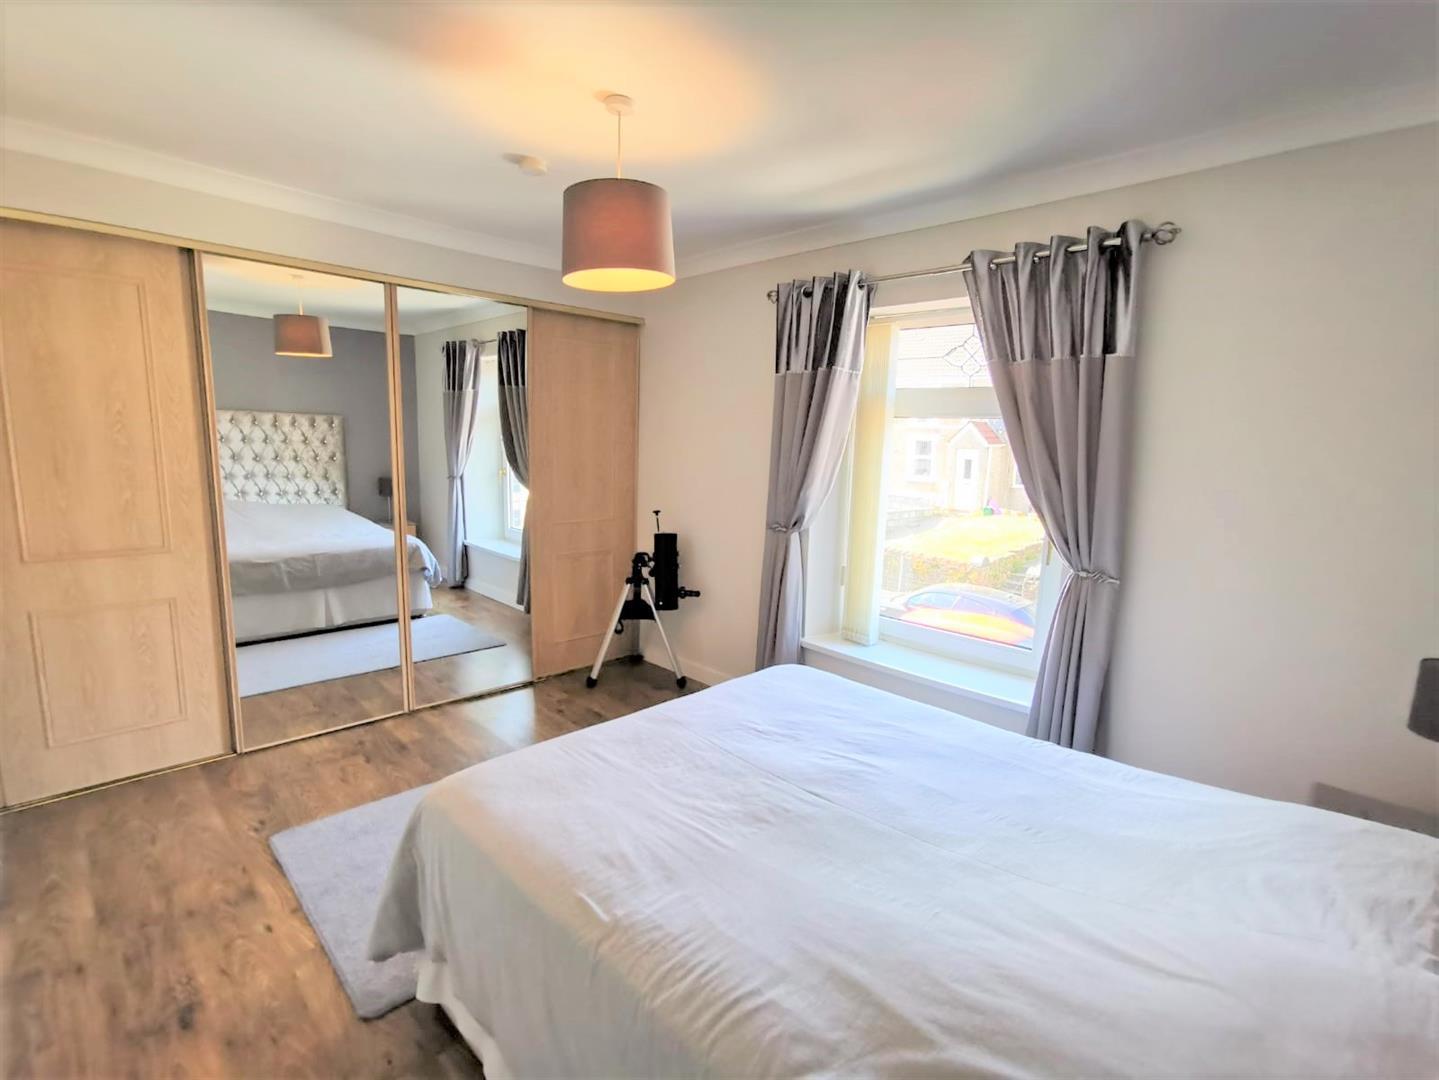 Penfilia Road, Brynhyfryd, Swansea, SA5 9HS